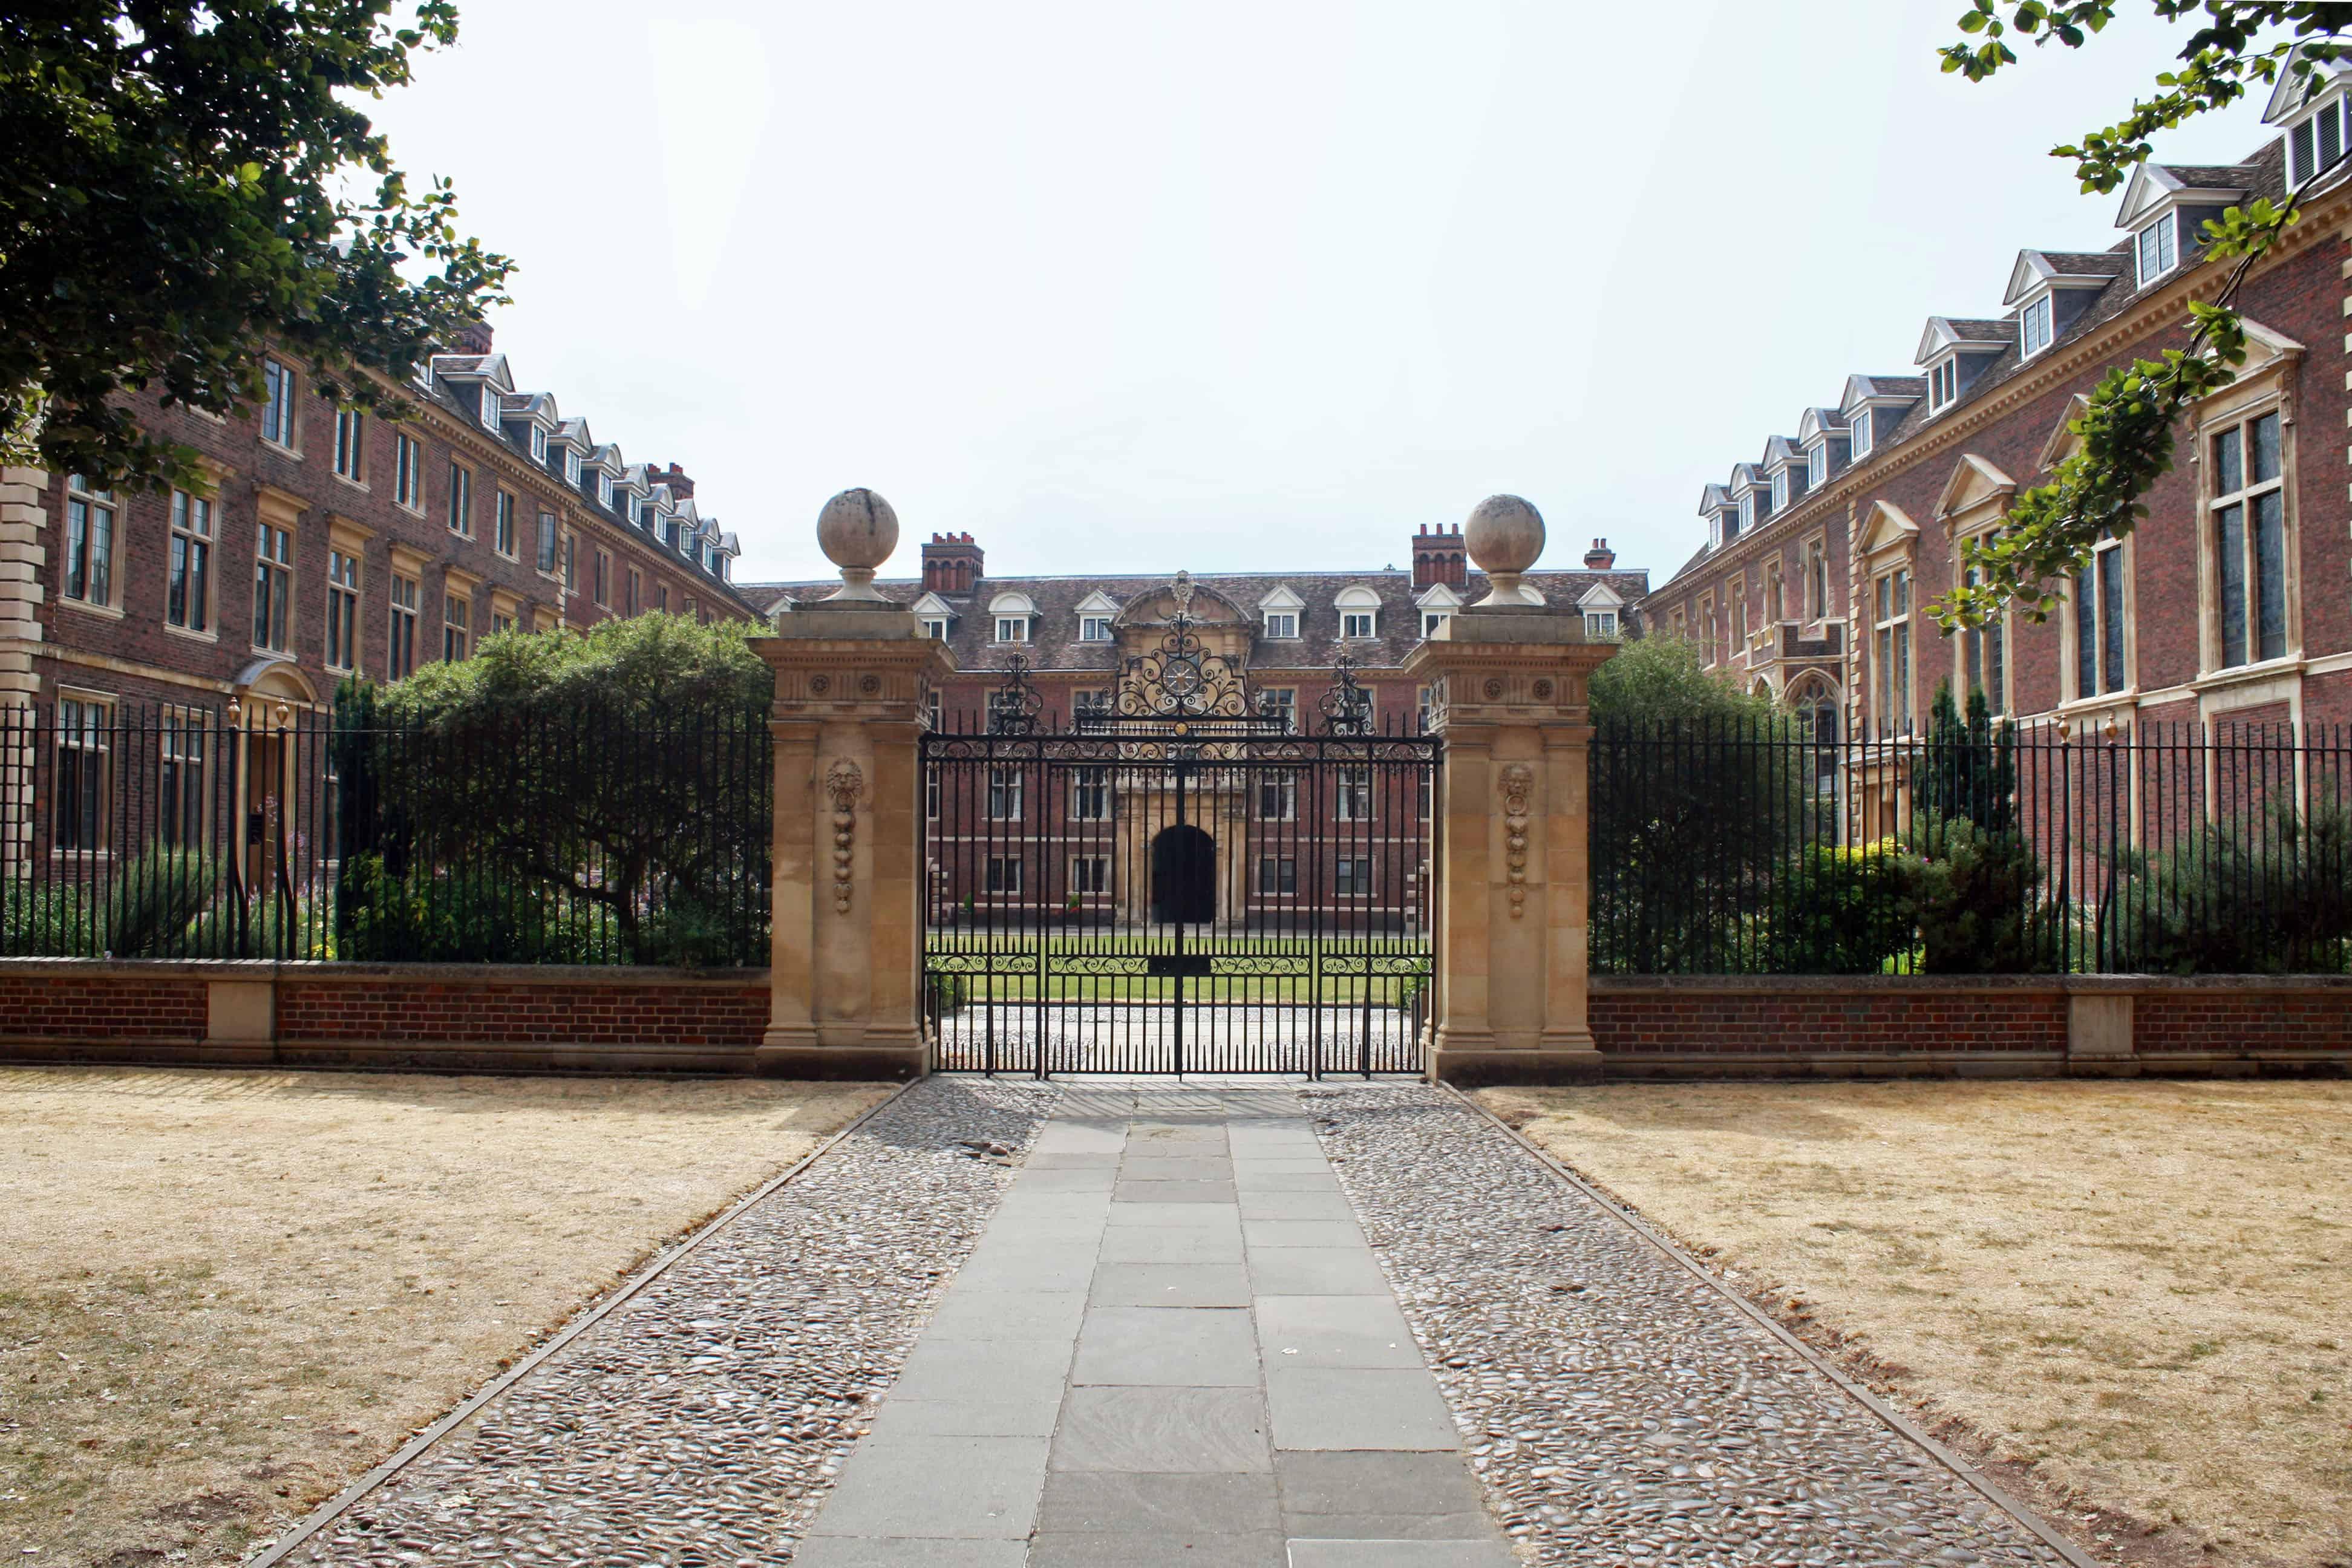 St Catharine's College, University of Cambridge